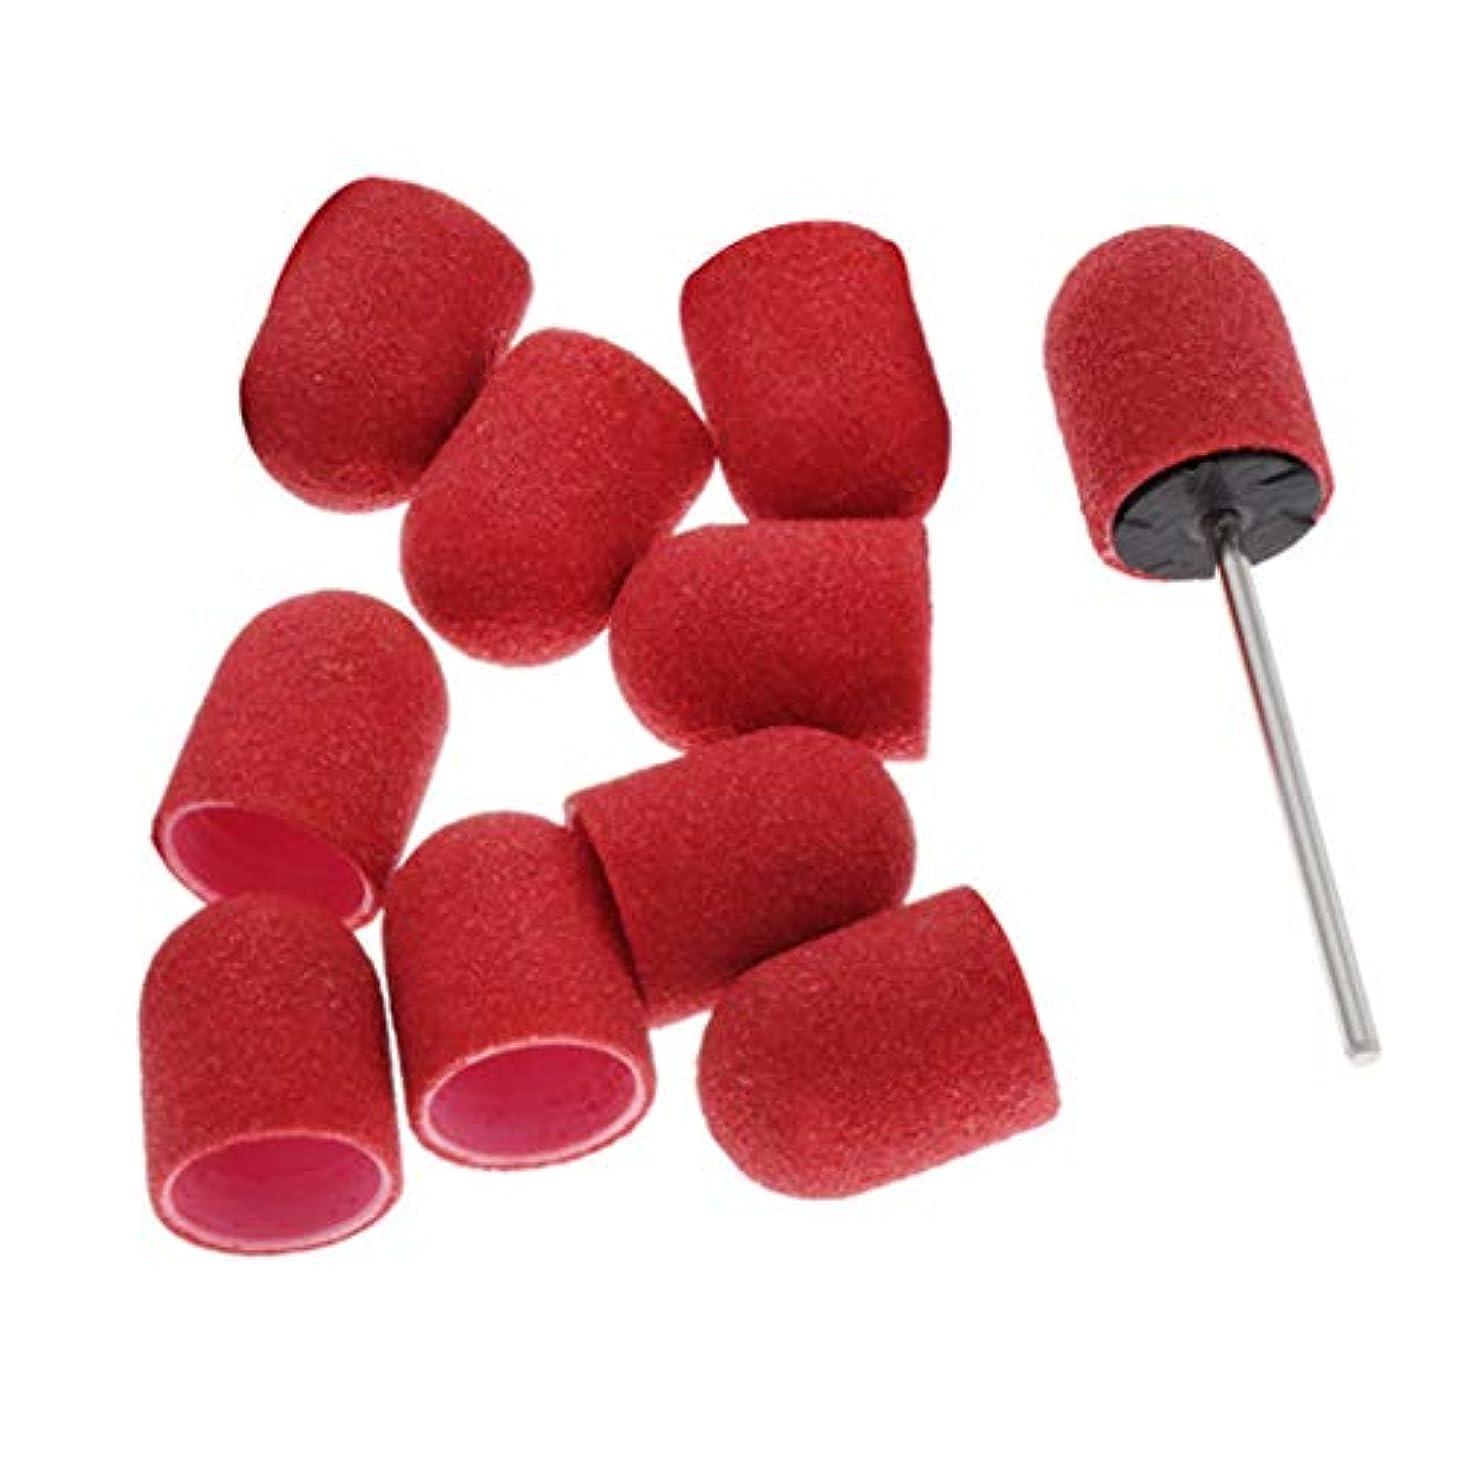 力強いシール賃金SM SunniMix ネイルアート マニキュア サンディングバンド ネイルポリッシュ研磨 サンディングリングキャップ 全5カラー - 赤